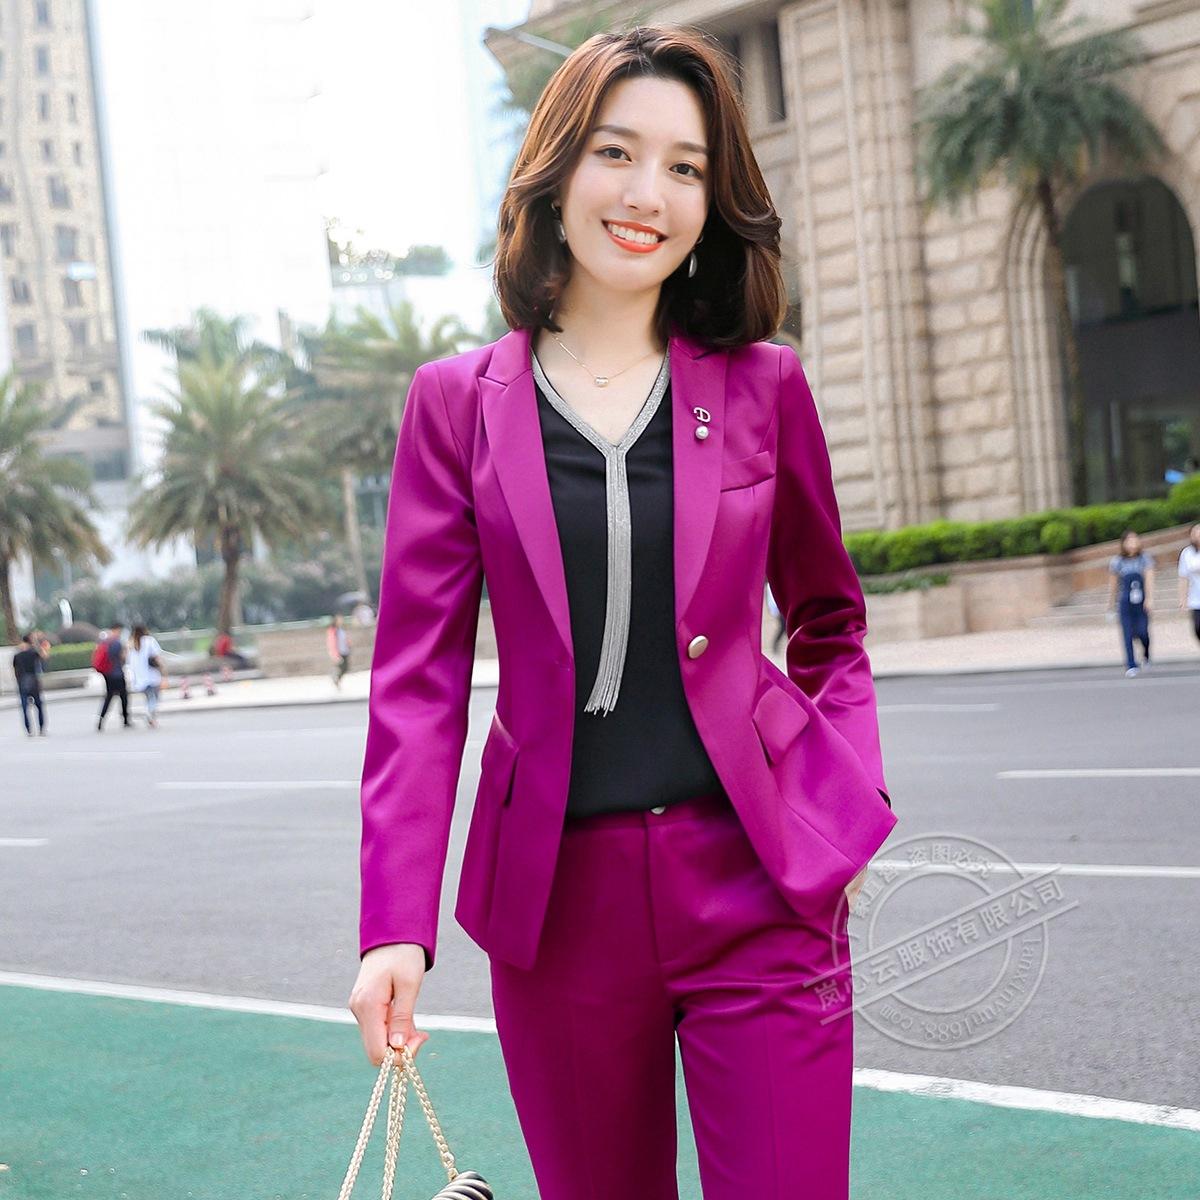 新品厂家批发工装商务小西装套装垂感质感正装爆款职业装女衬衫